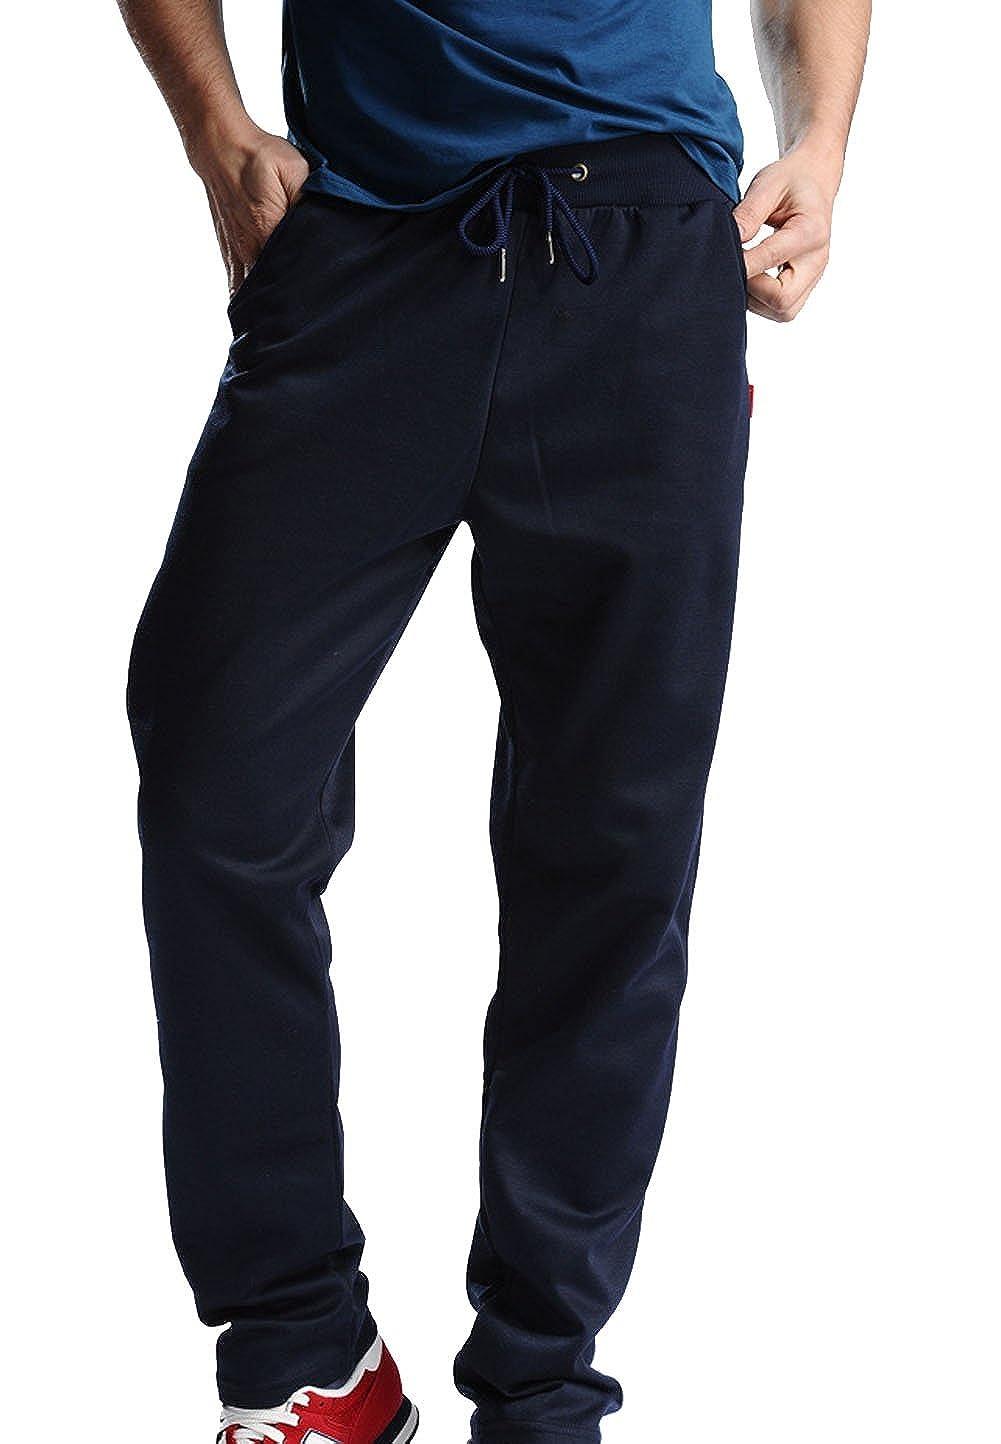 LETSQK PANTS メンズ X-Large ロイヤルブルー B074KCZ59Y